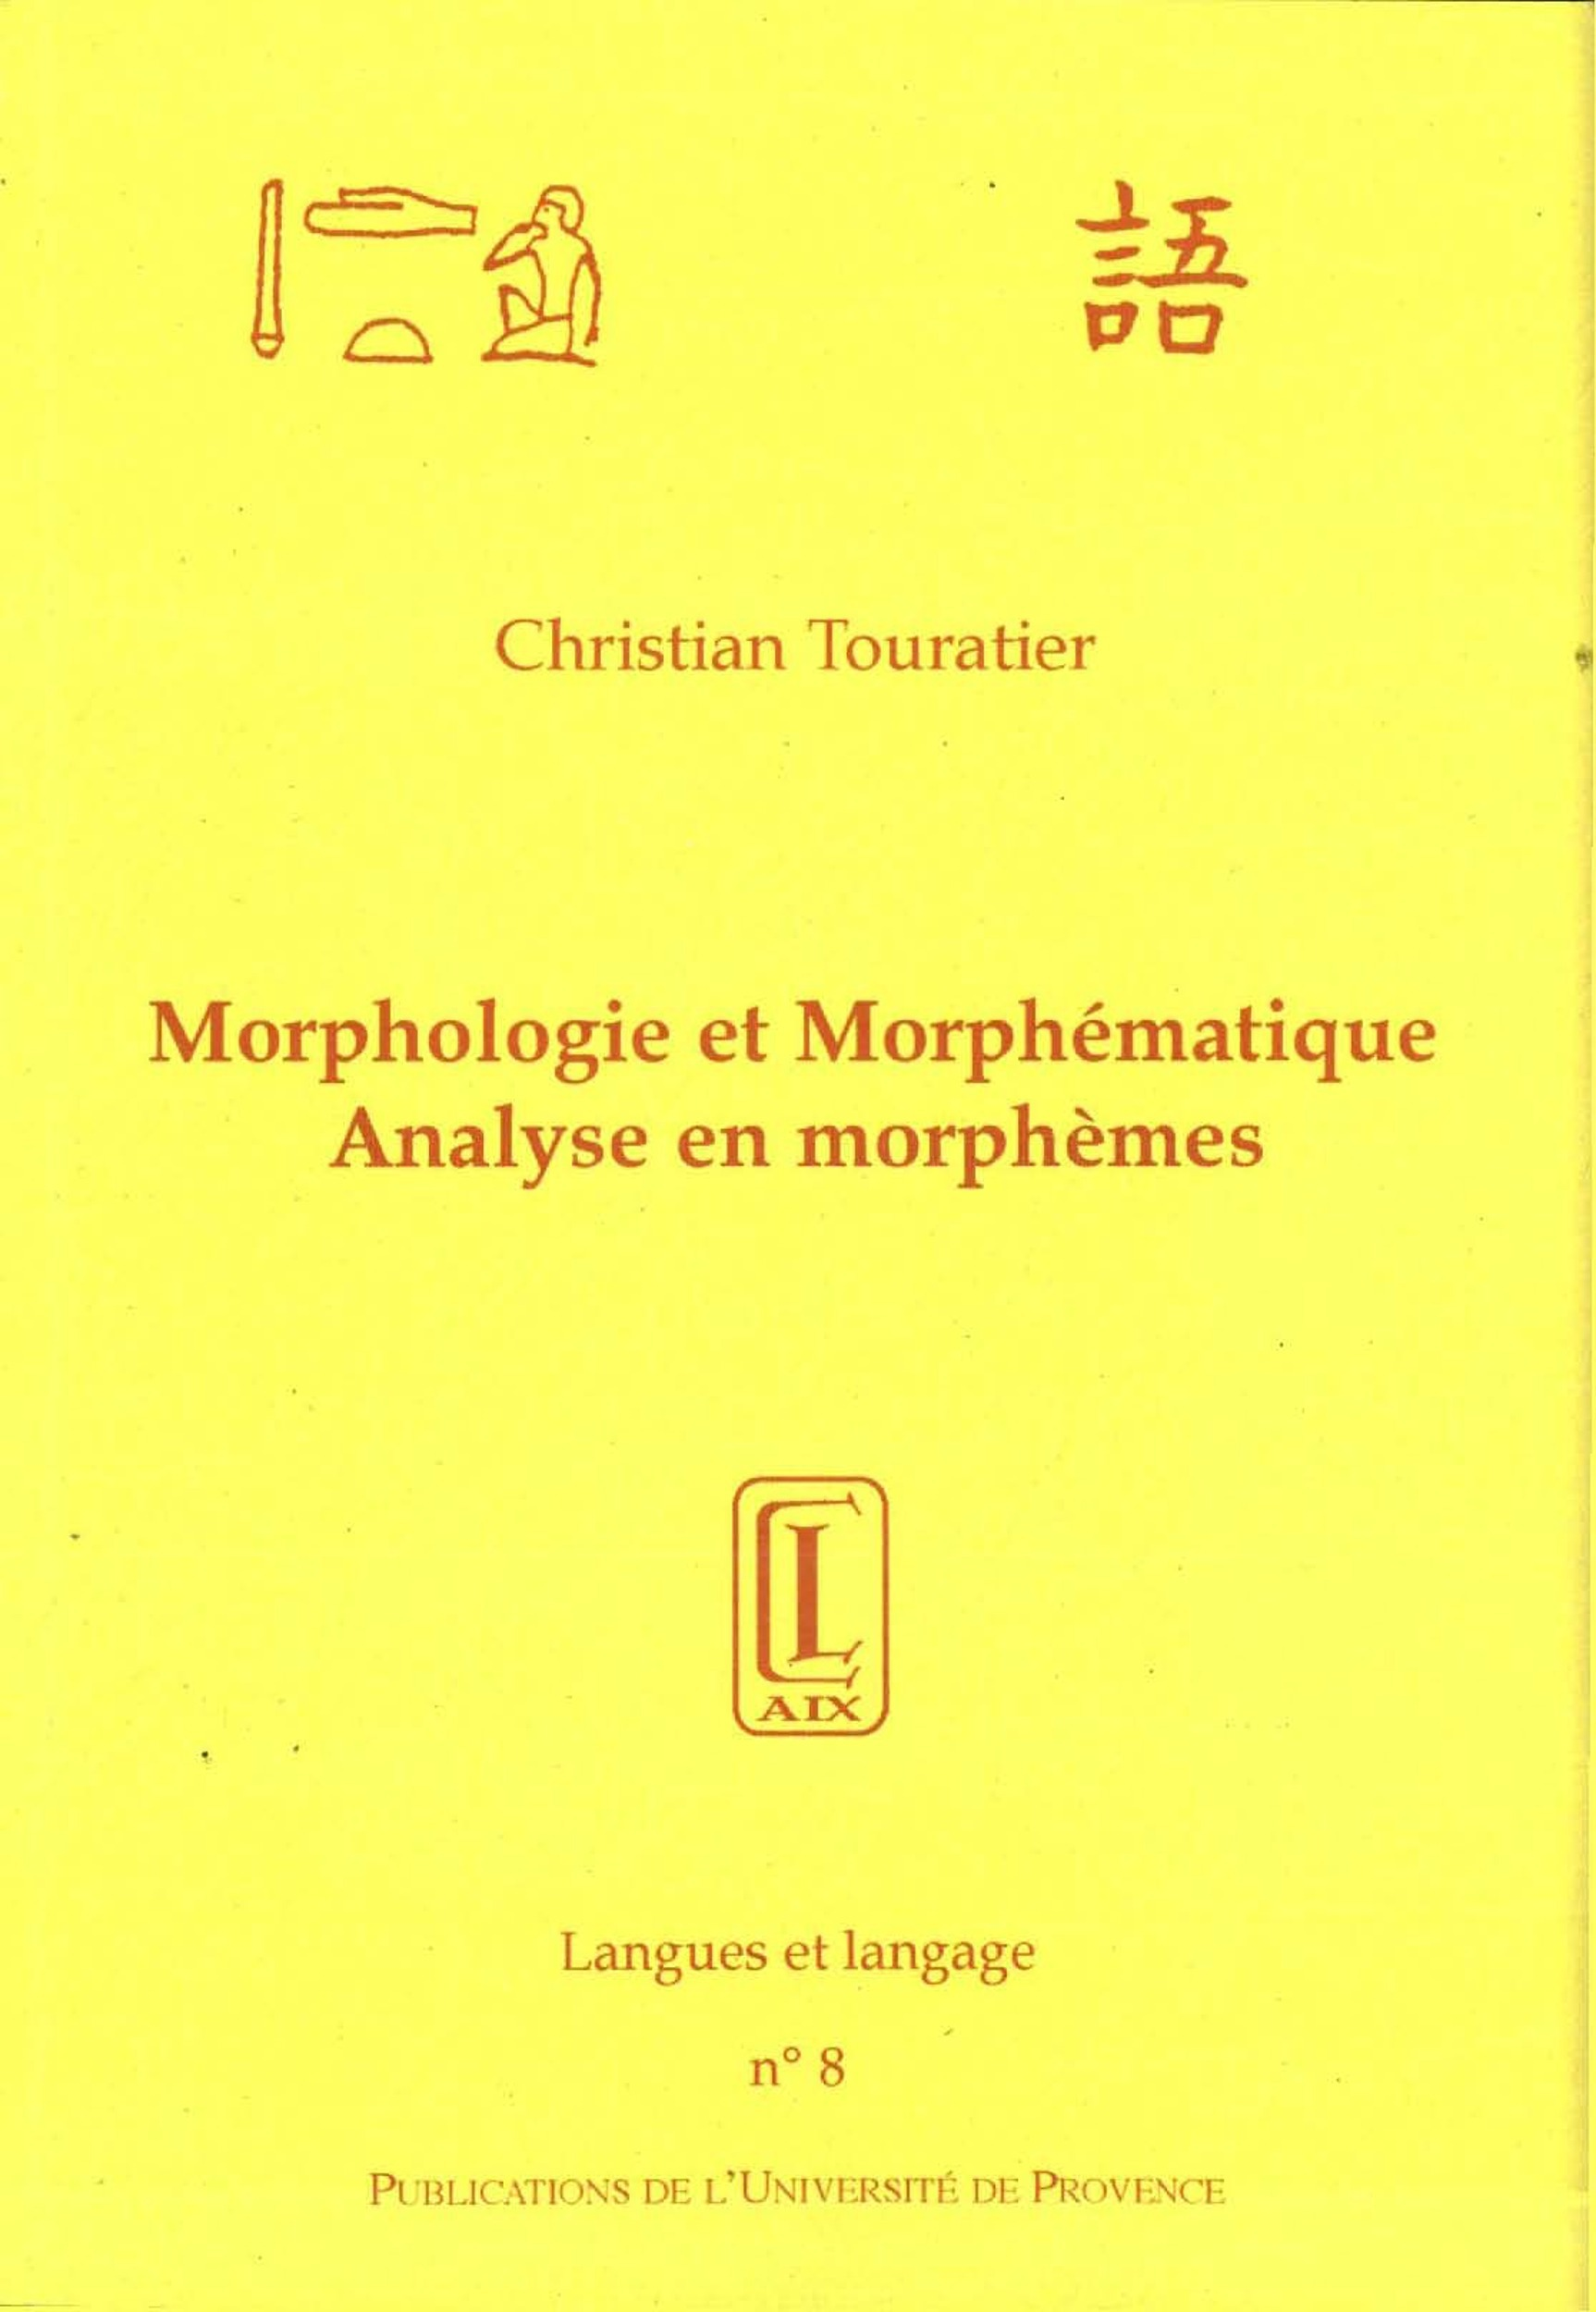 Morphologie et morphematique.